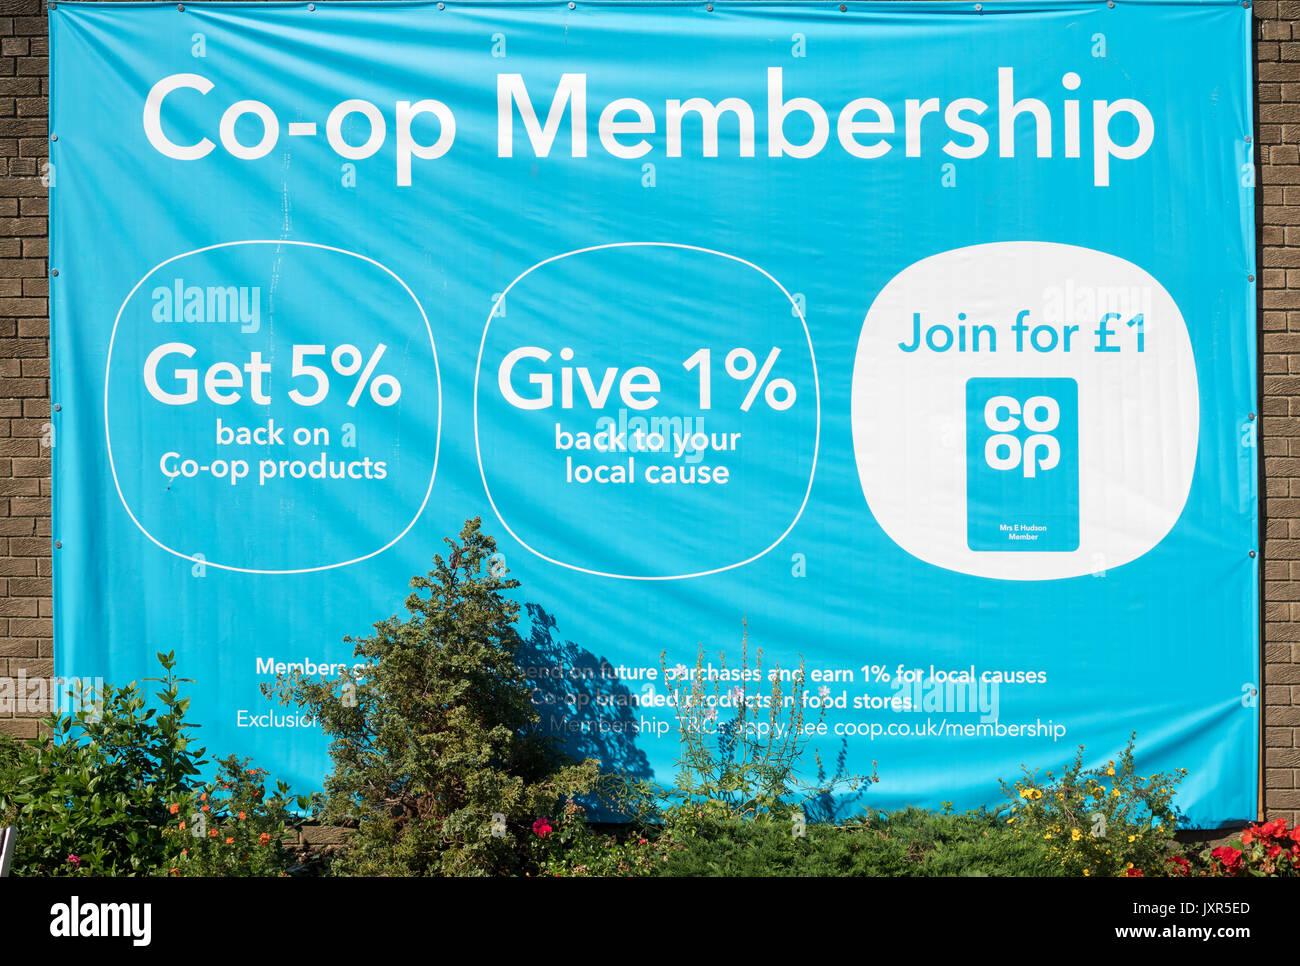 Benefits of Co-op Membership, England, UK - Stock Image